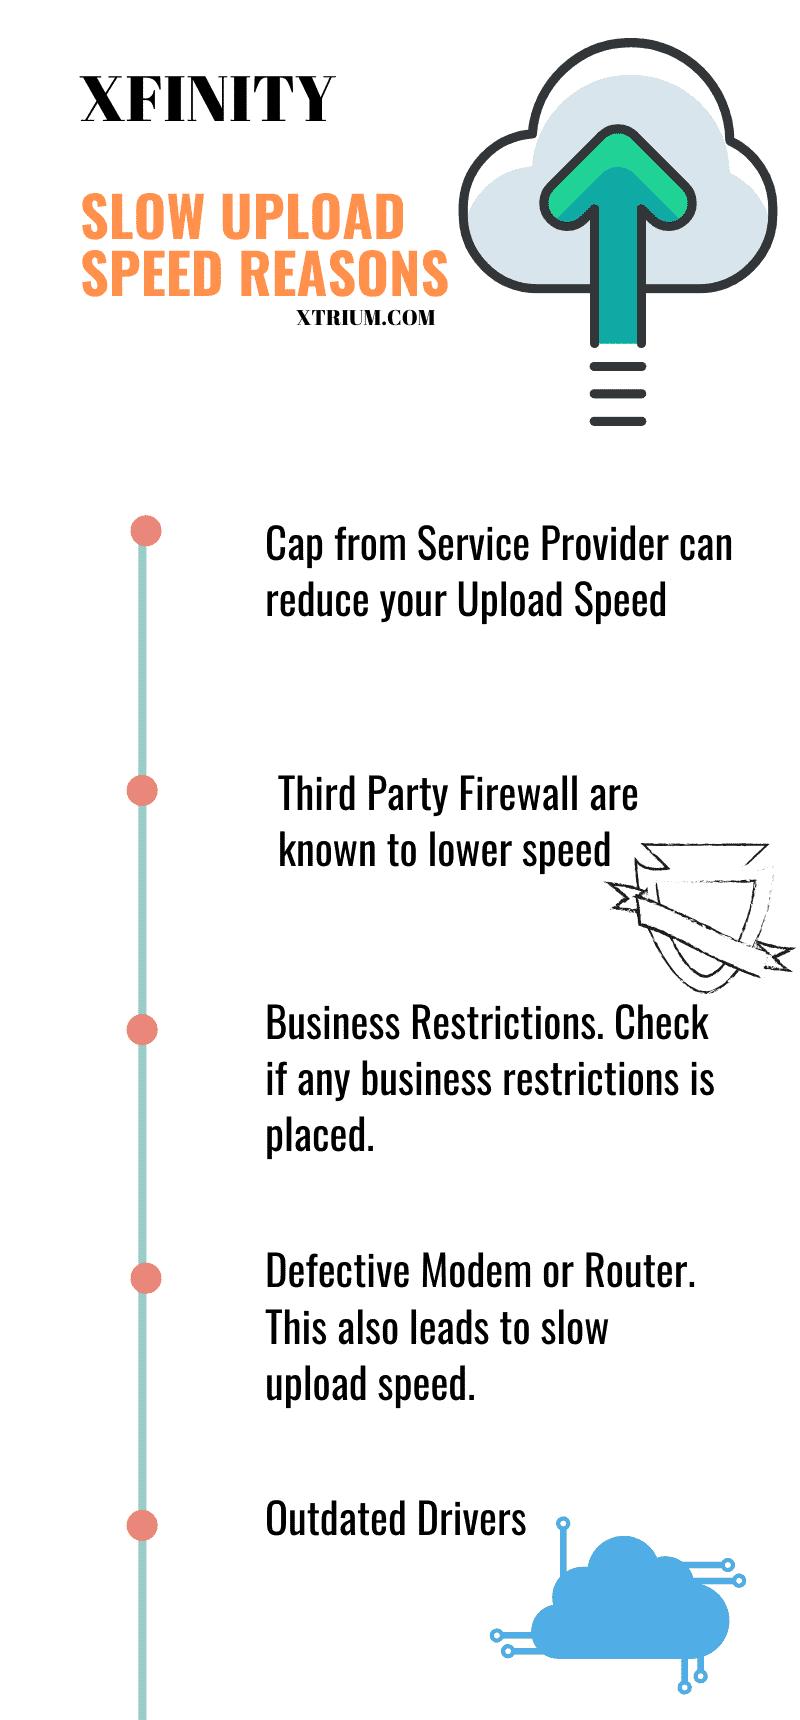 xfinity upload fix